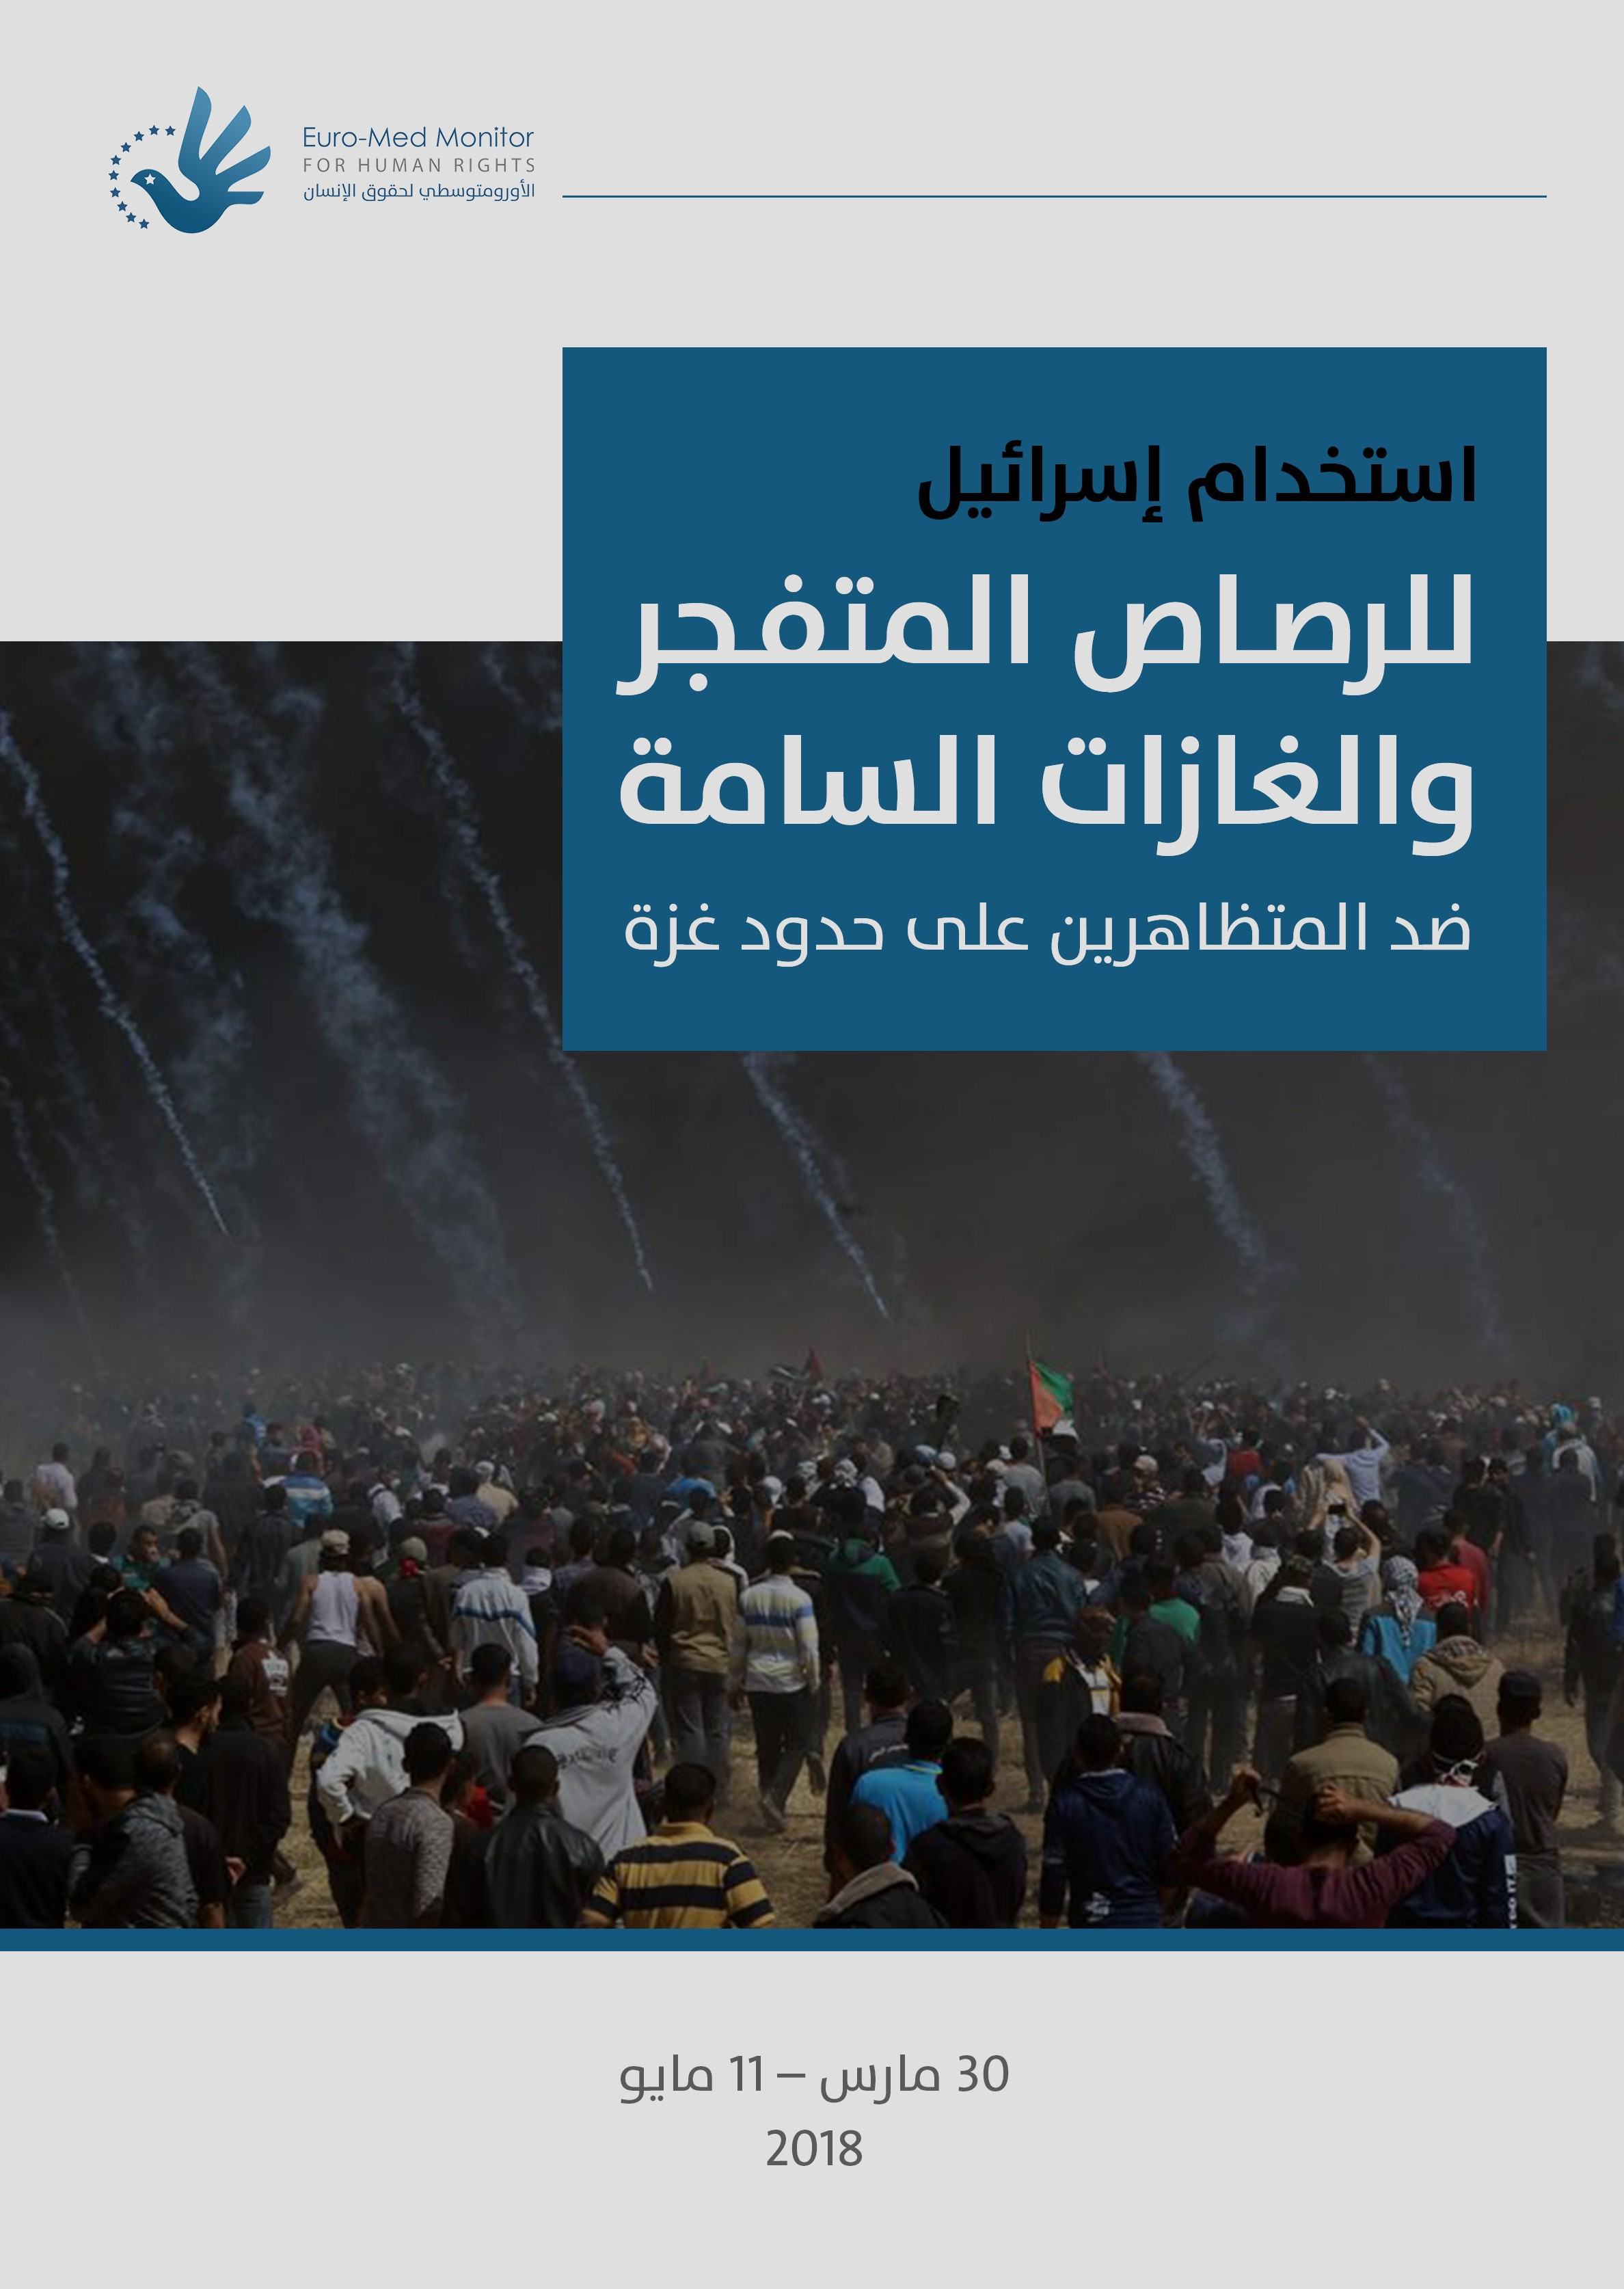 استخدام إسرائيل للرصاص المتفجر والغازات السامة ضد المتظاهرين على حدود غزة